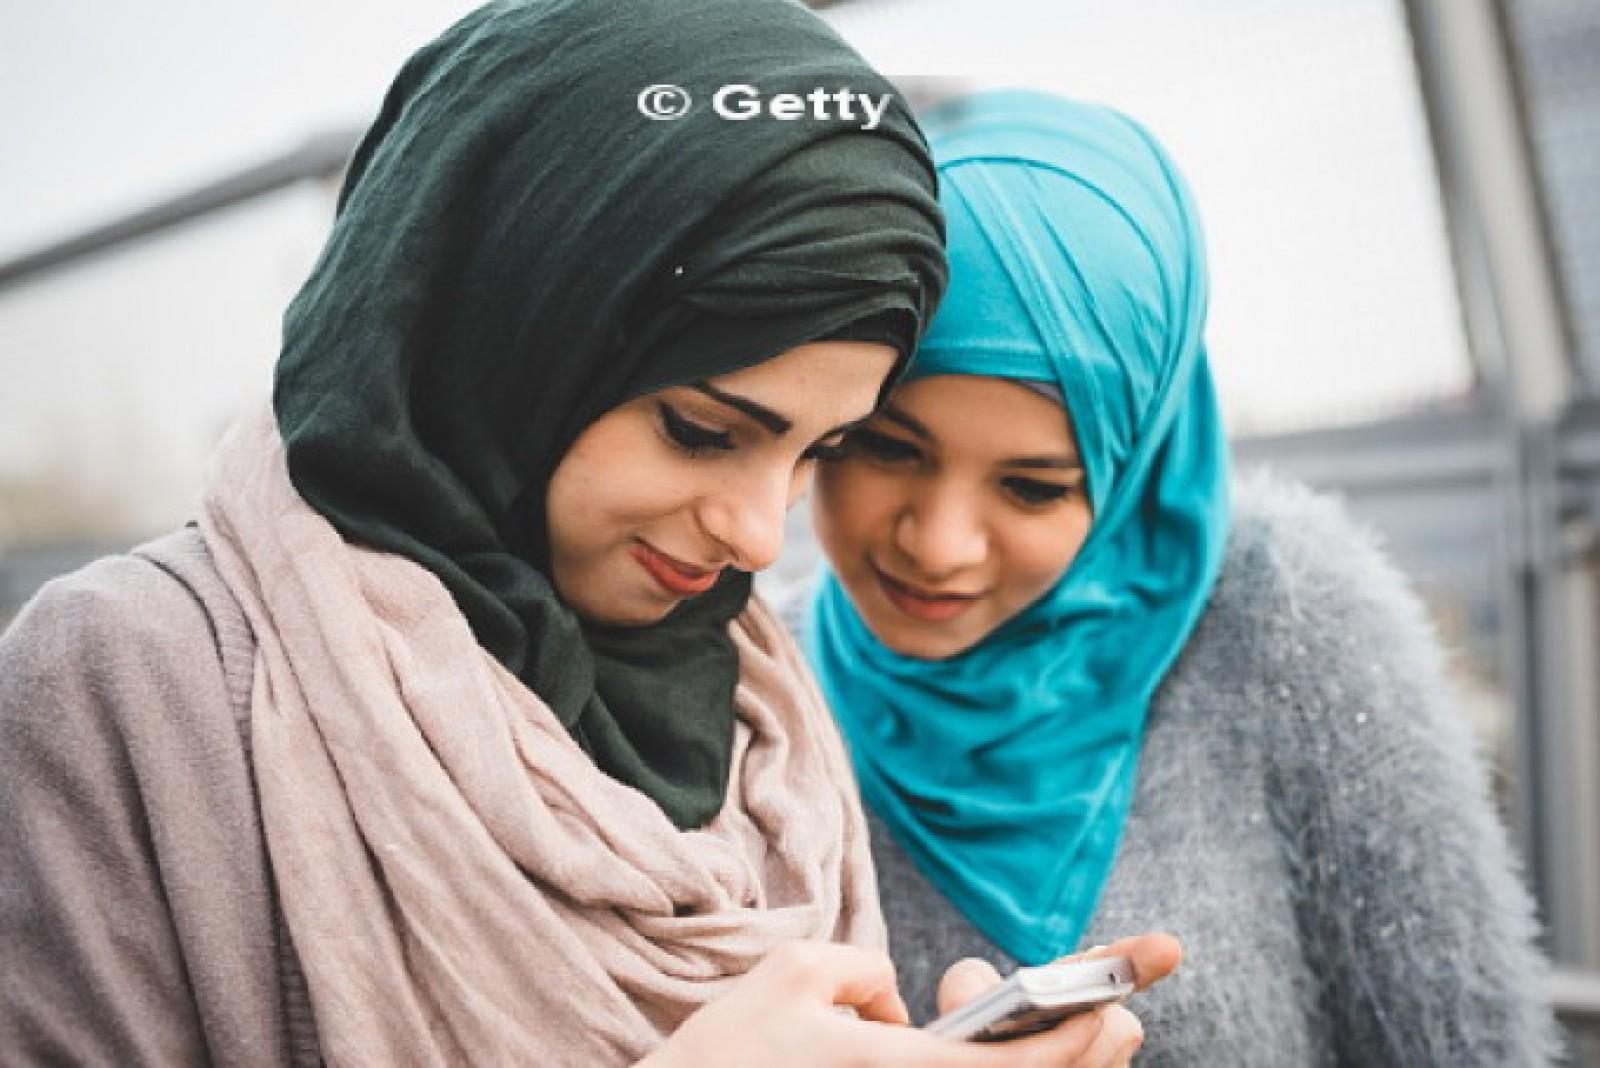 """Danemarca vrea să interzică vălul islamic: """"E incompatibil cu valorile noastre"""""""